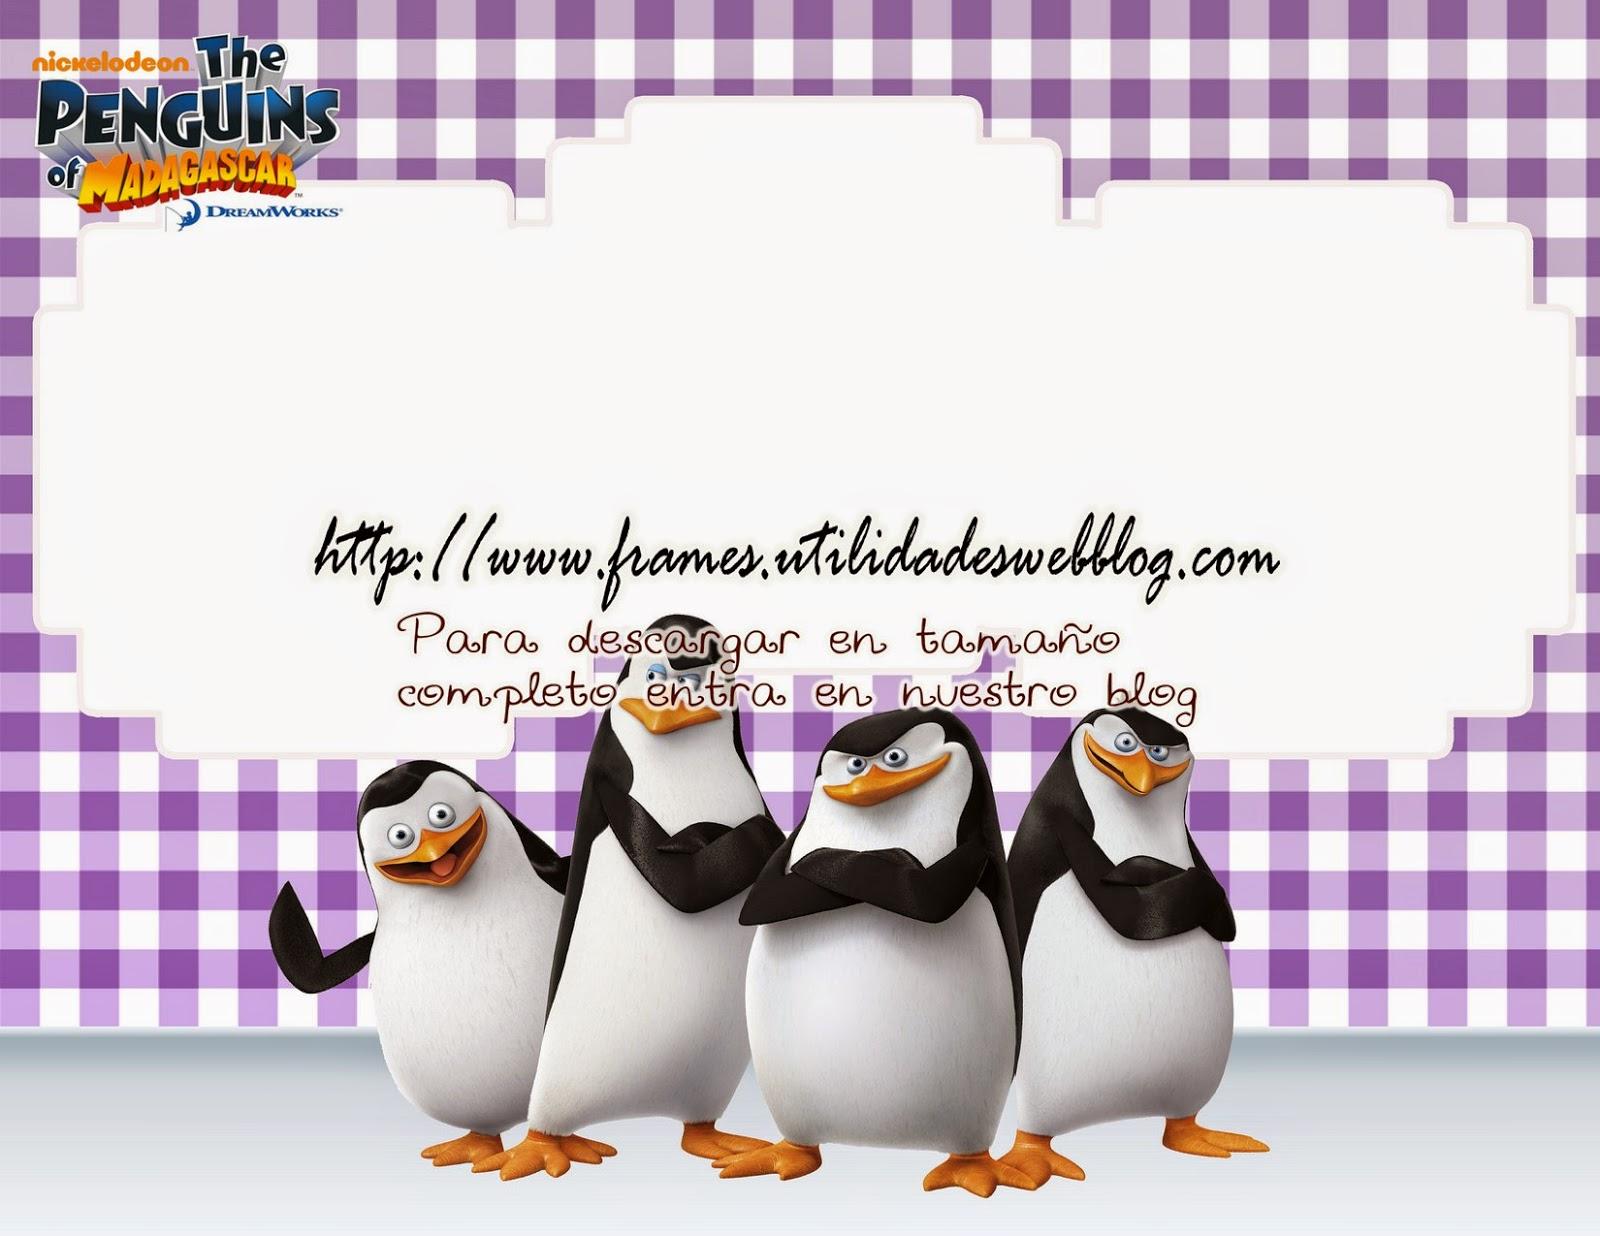 Marco para hacer fotomontajes infantiles con Los Pingüinos de Madagascar